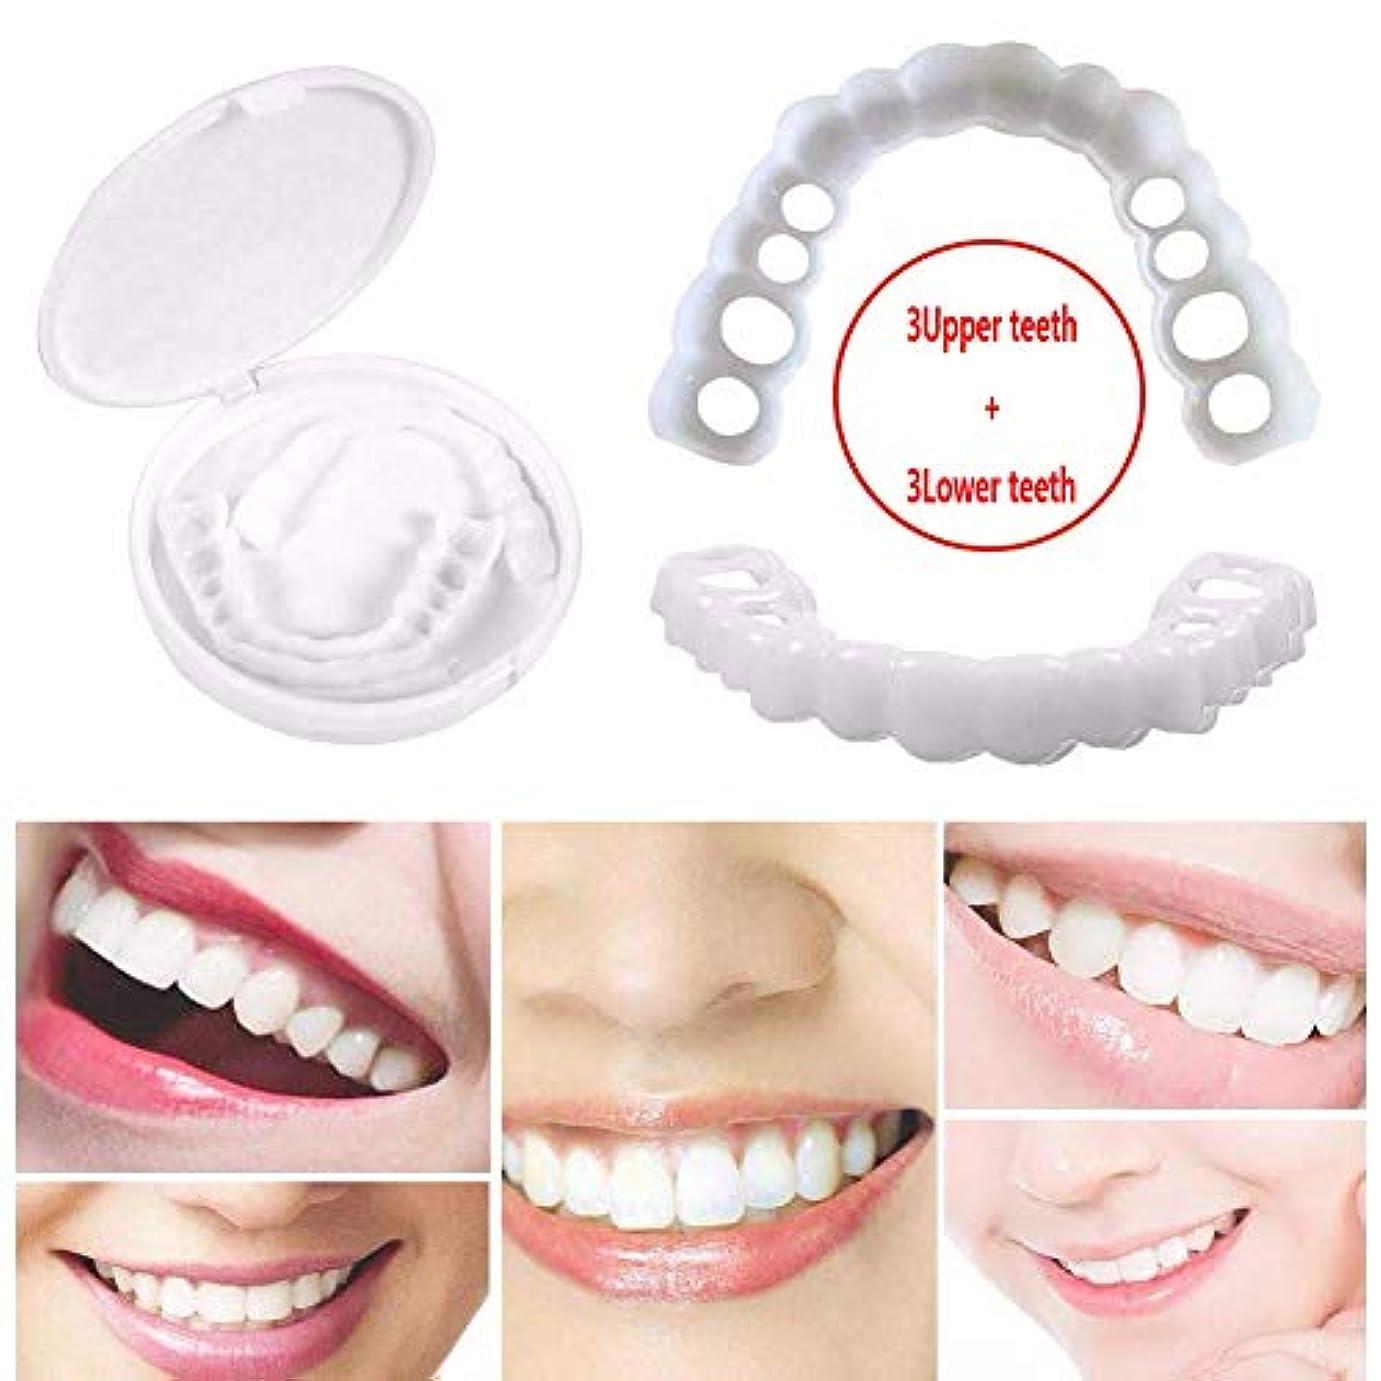 若い批評永続3組の一時的な歯の白くなること、一時的な化粧品の歯の義歯の化粧品は収納箱が付いているブレースを模倣しました,3upperteeth+3lowerteeth